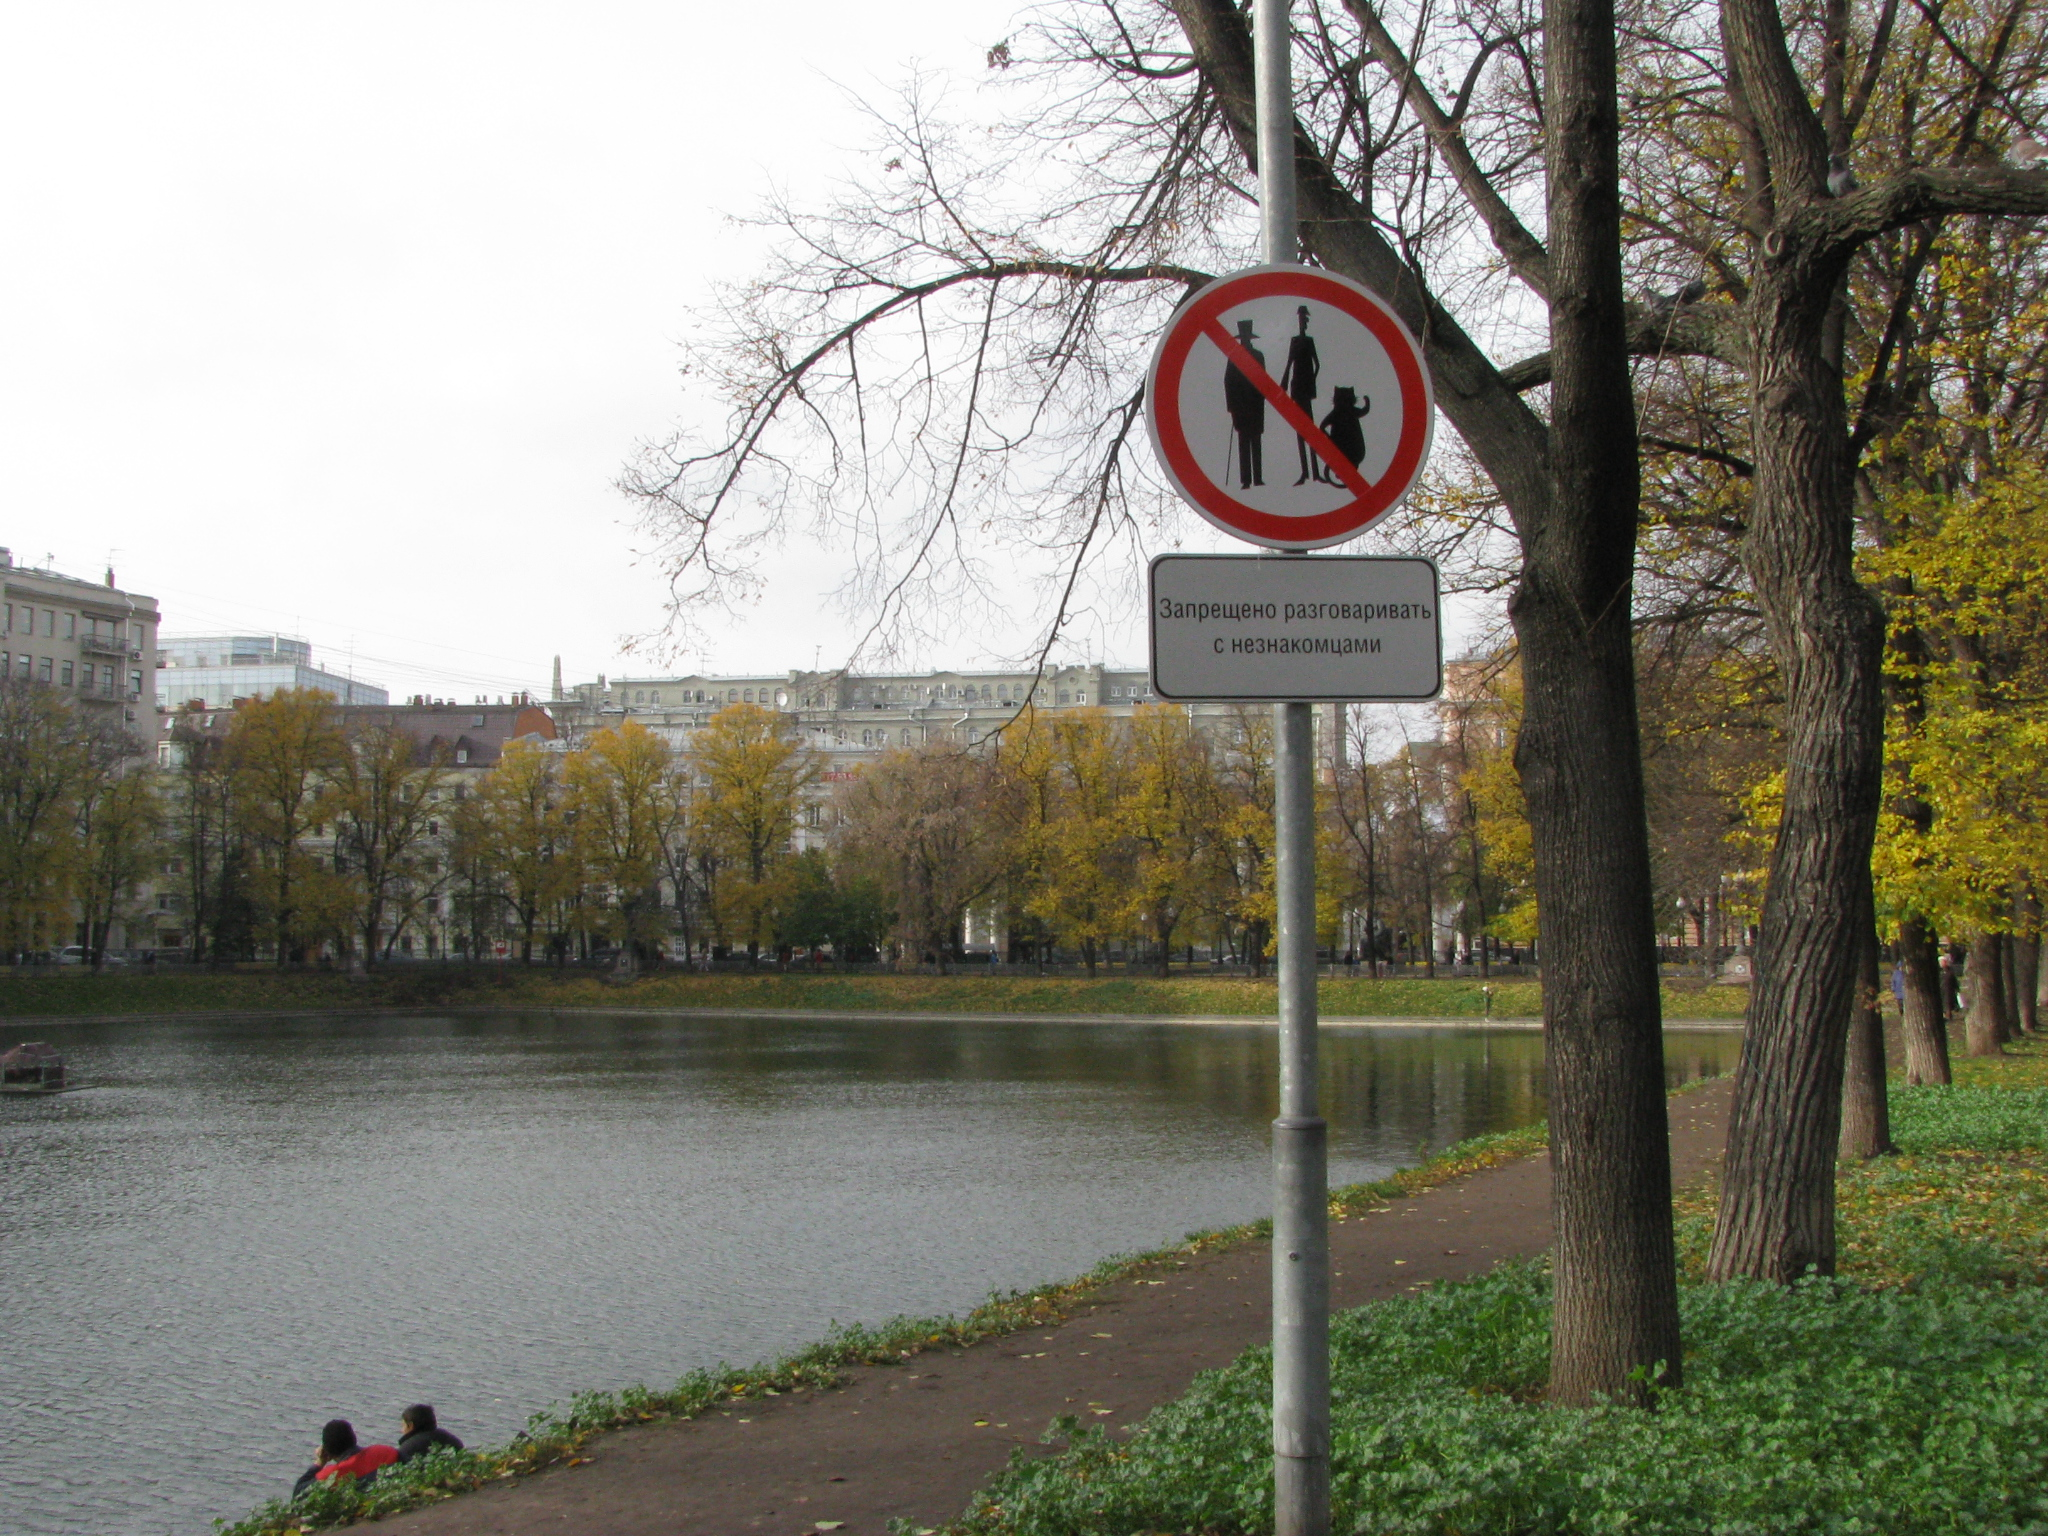 Булгаковская Москва Булгаковская Москва: прогулка на местам писателя 1 1